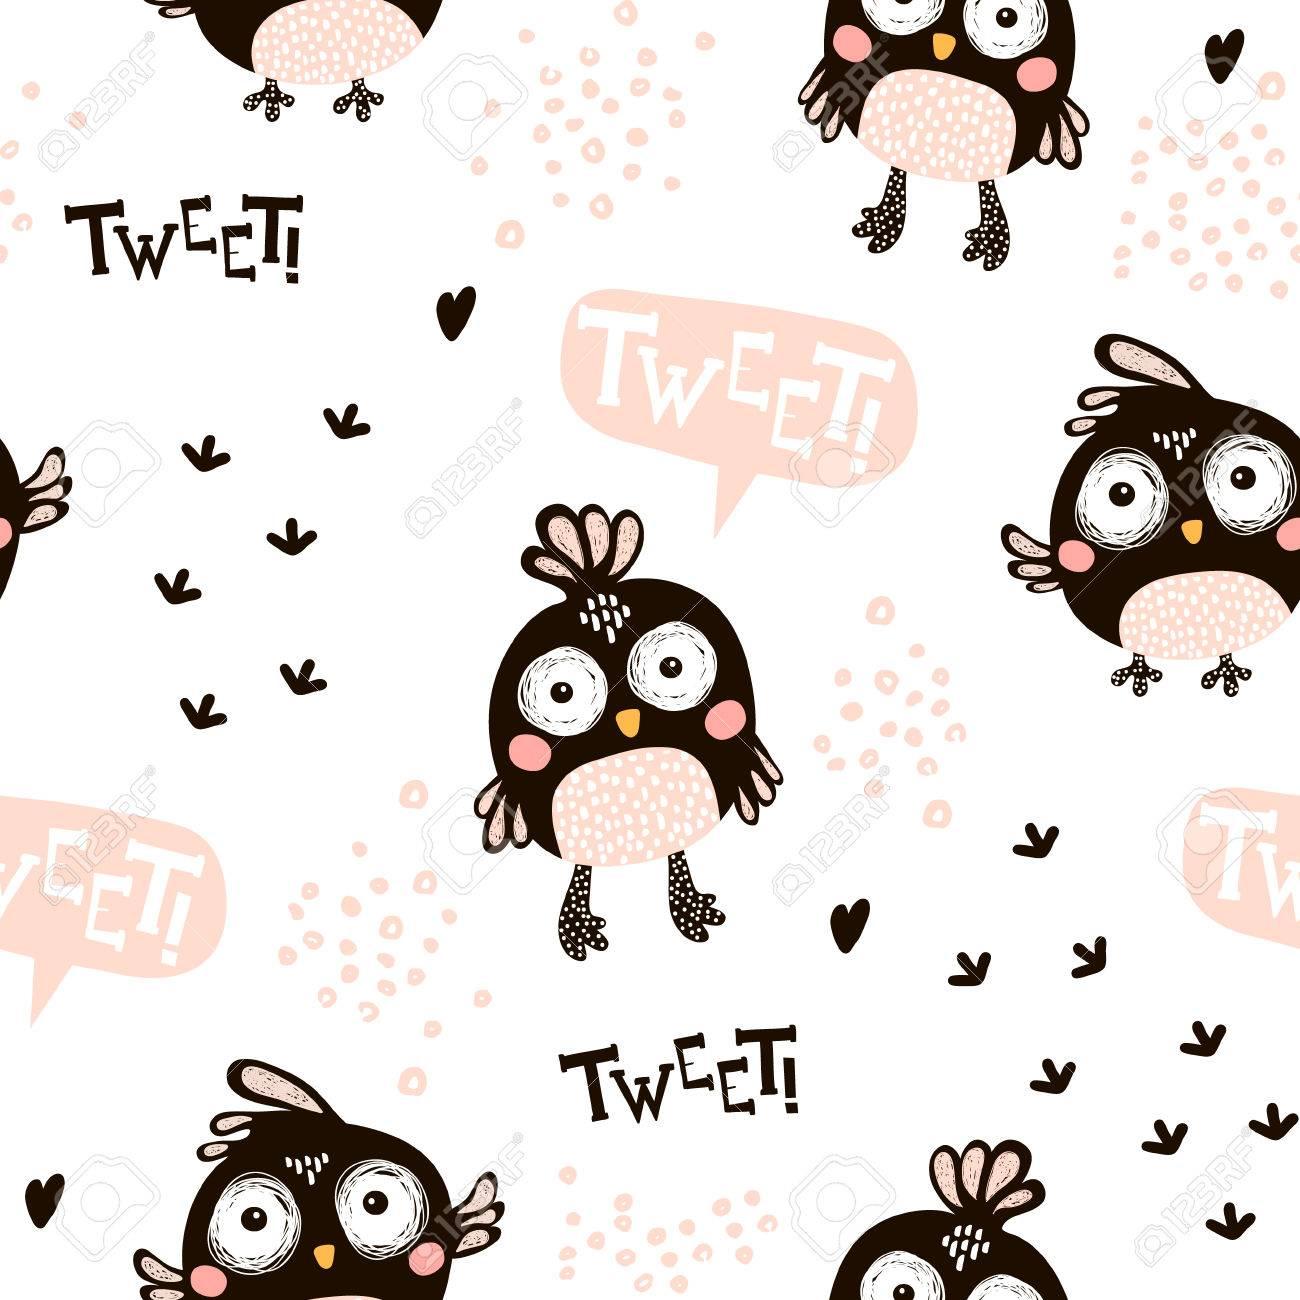 Motif Sans Couture Avec Des Oiseaux De Dessin Anime En Style Scandinave Fonds Creatif Enfant Enfant Pour Le Tissu Le Textile Clip Art Libres De Droits Vecteurs Et Illustration Image 84671731